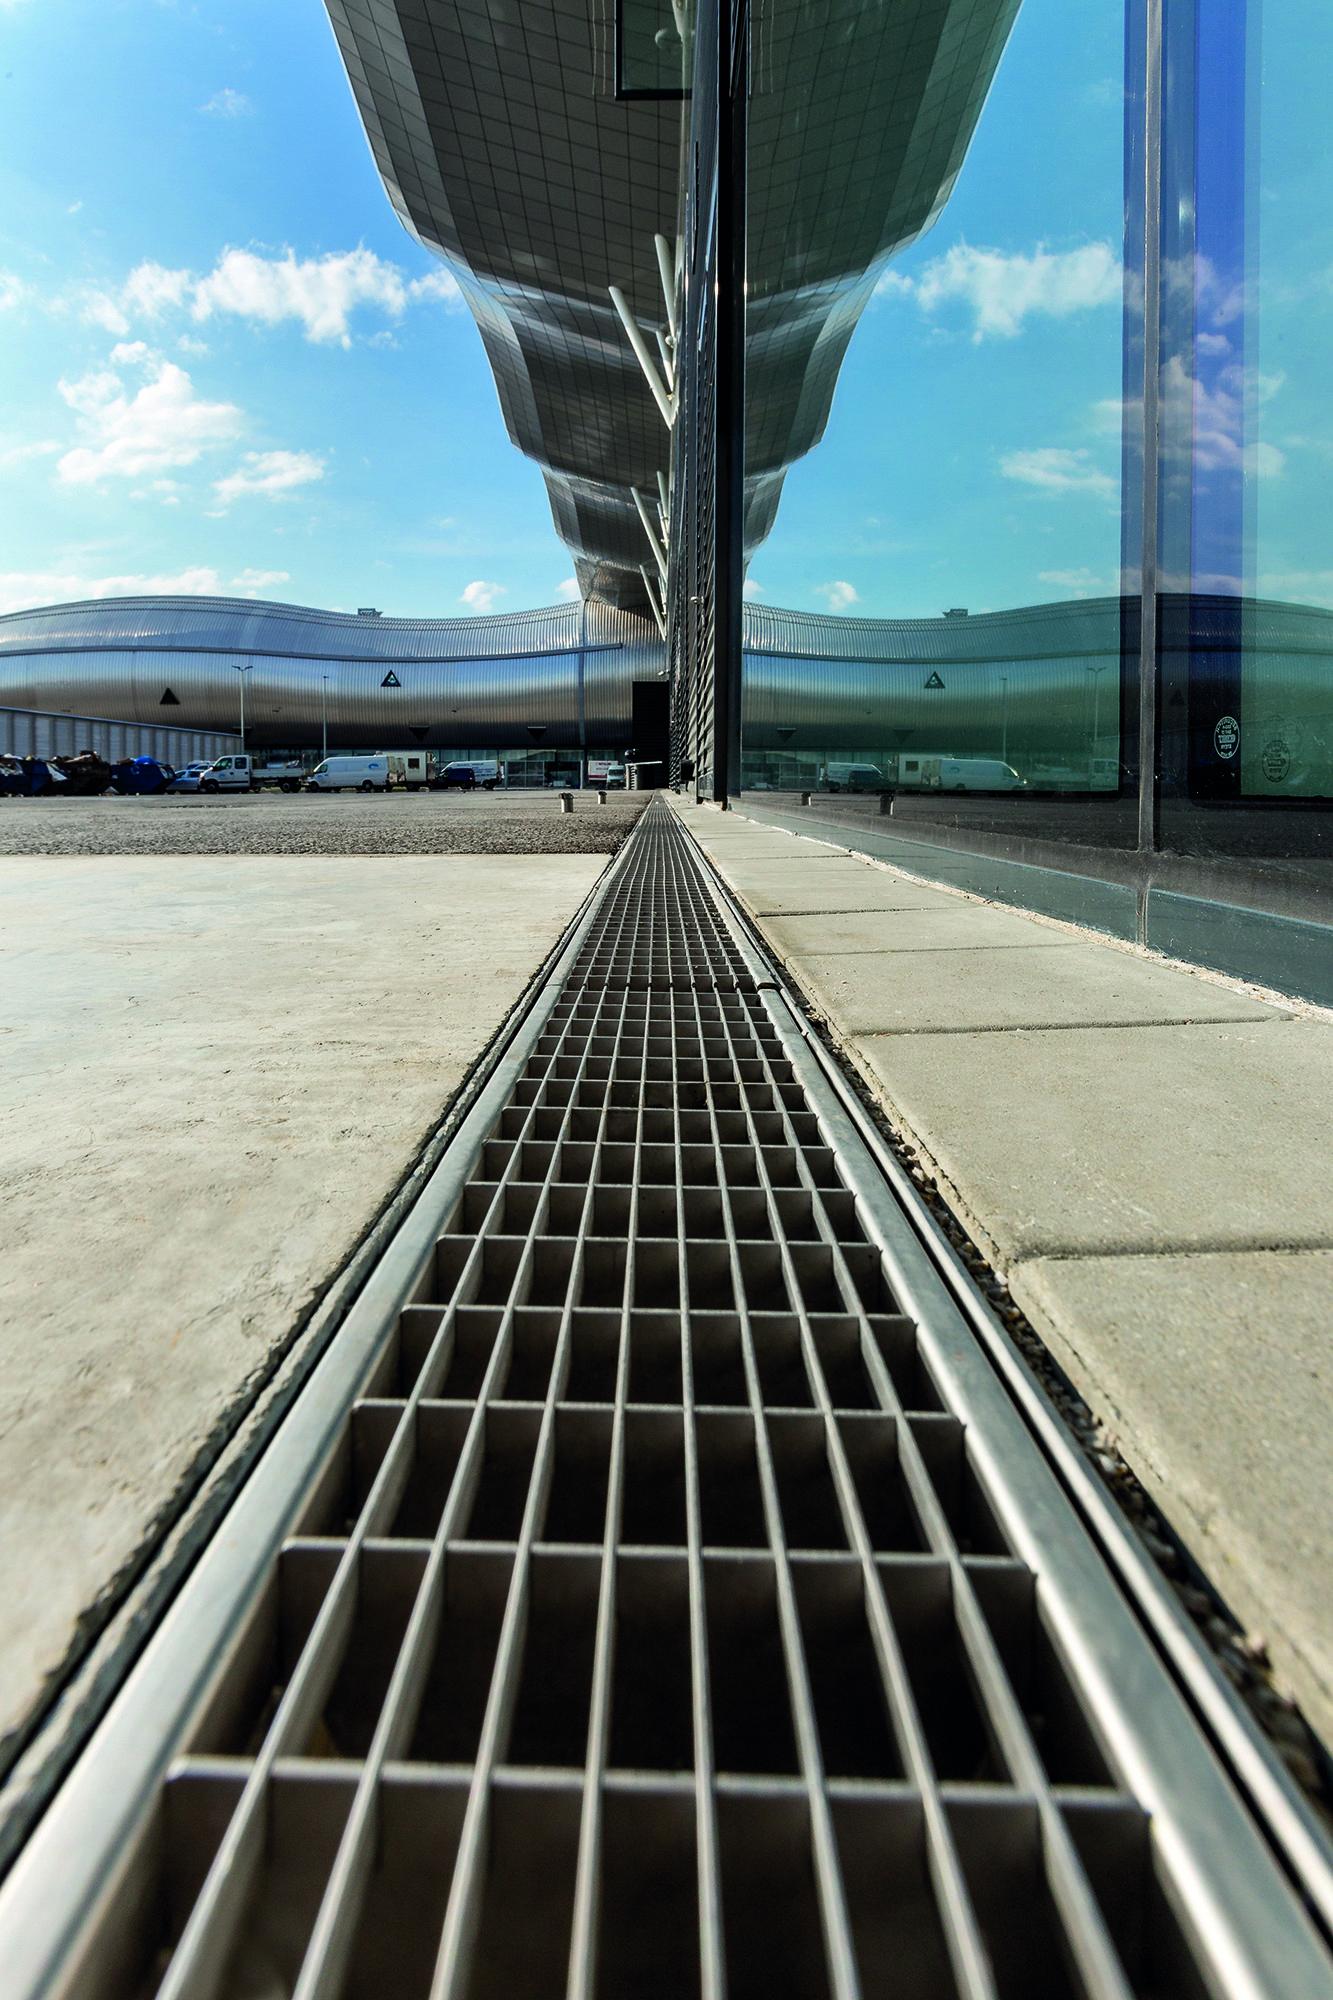 Facade Drainage At Zagreb Airport Fassadenentwasserung Am Flughafen Zagreb Aco Multiline Entwasserung Zagreb Flughafen